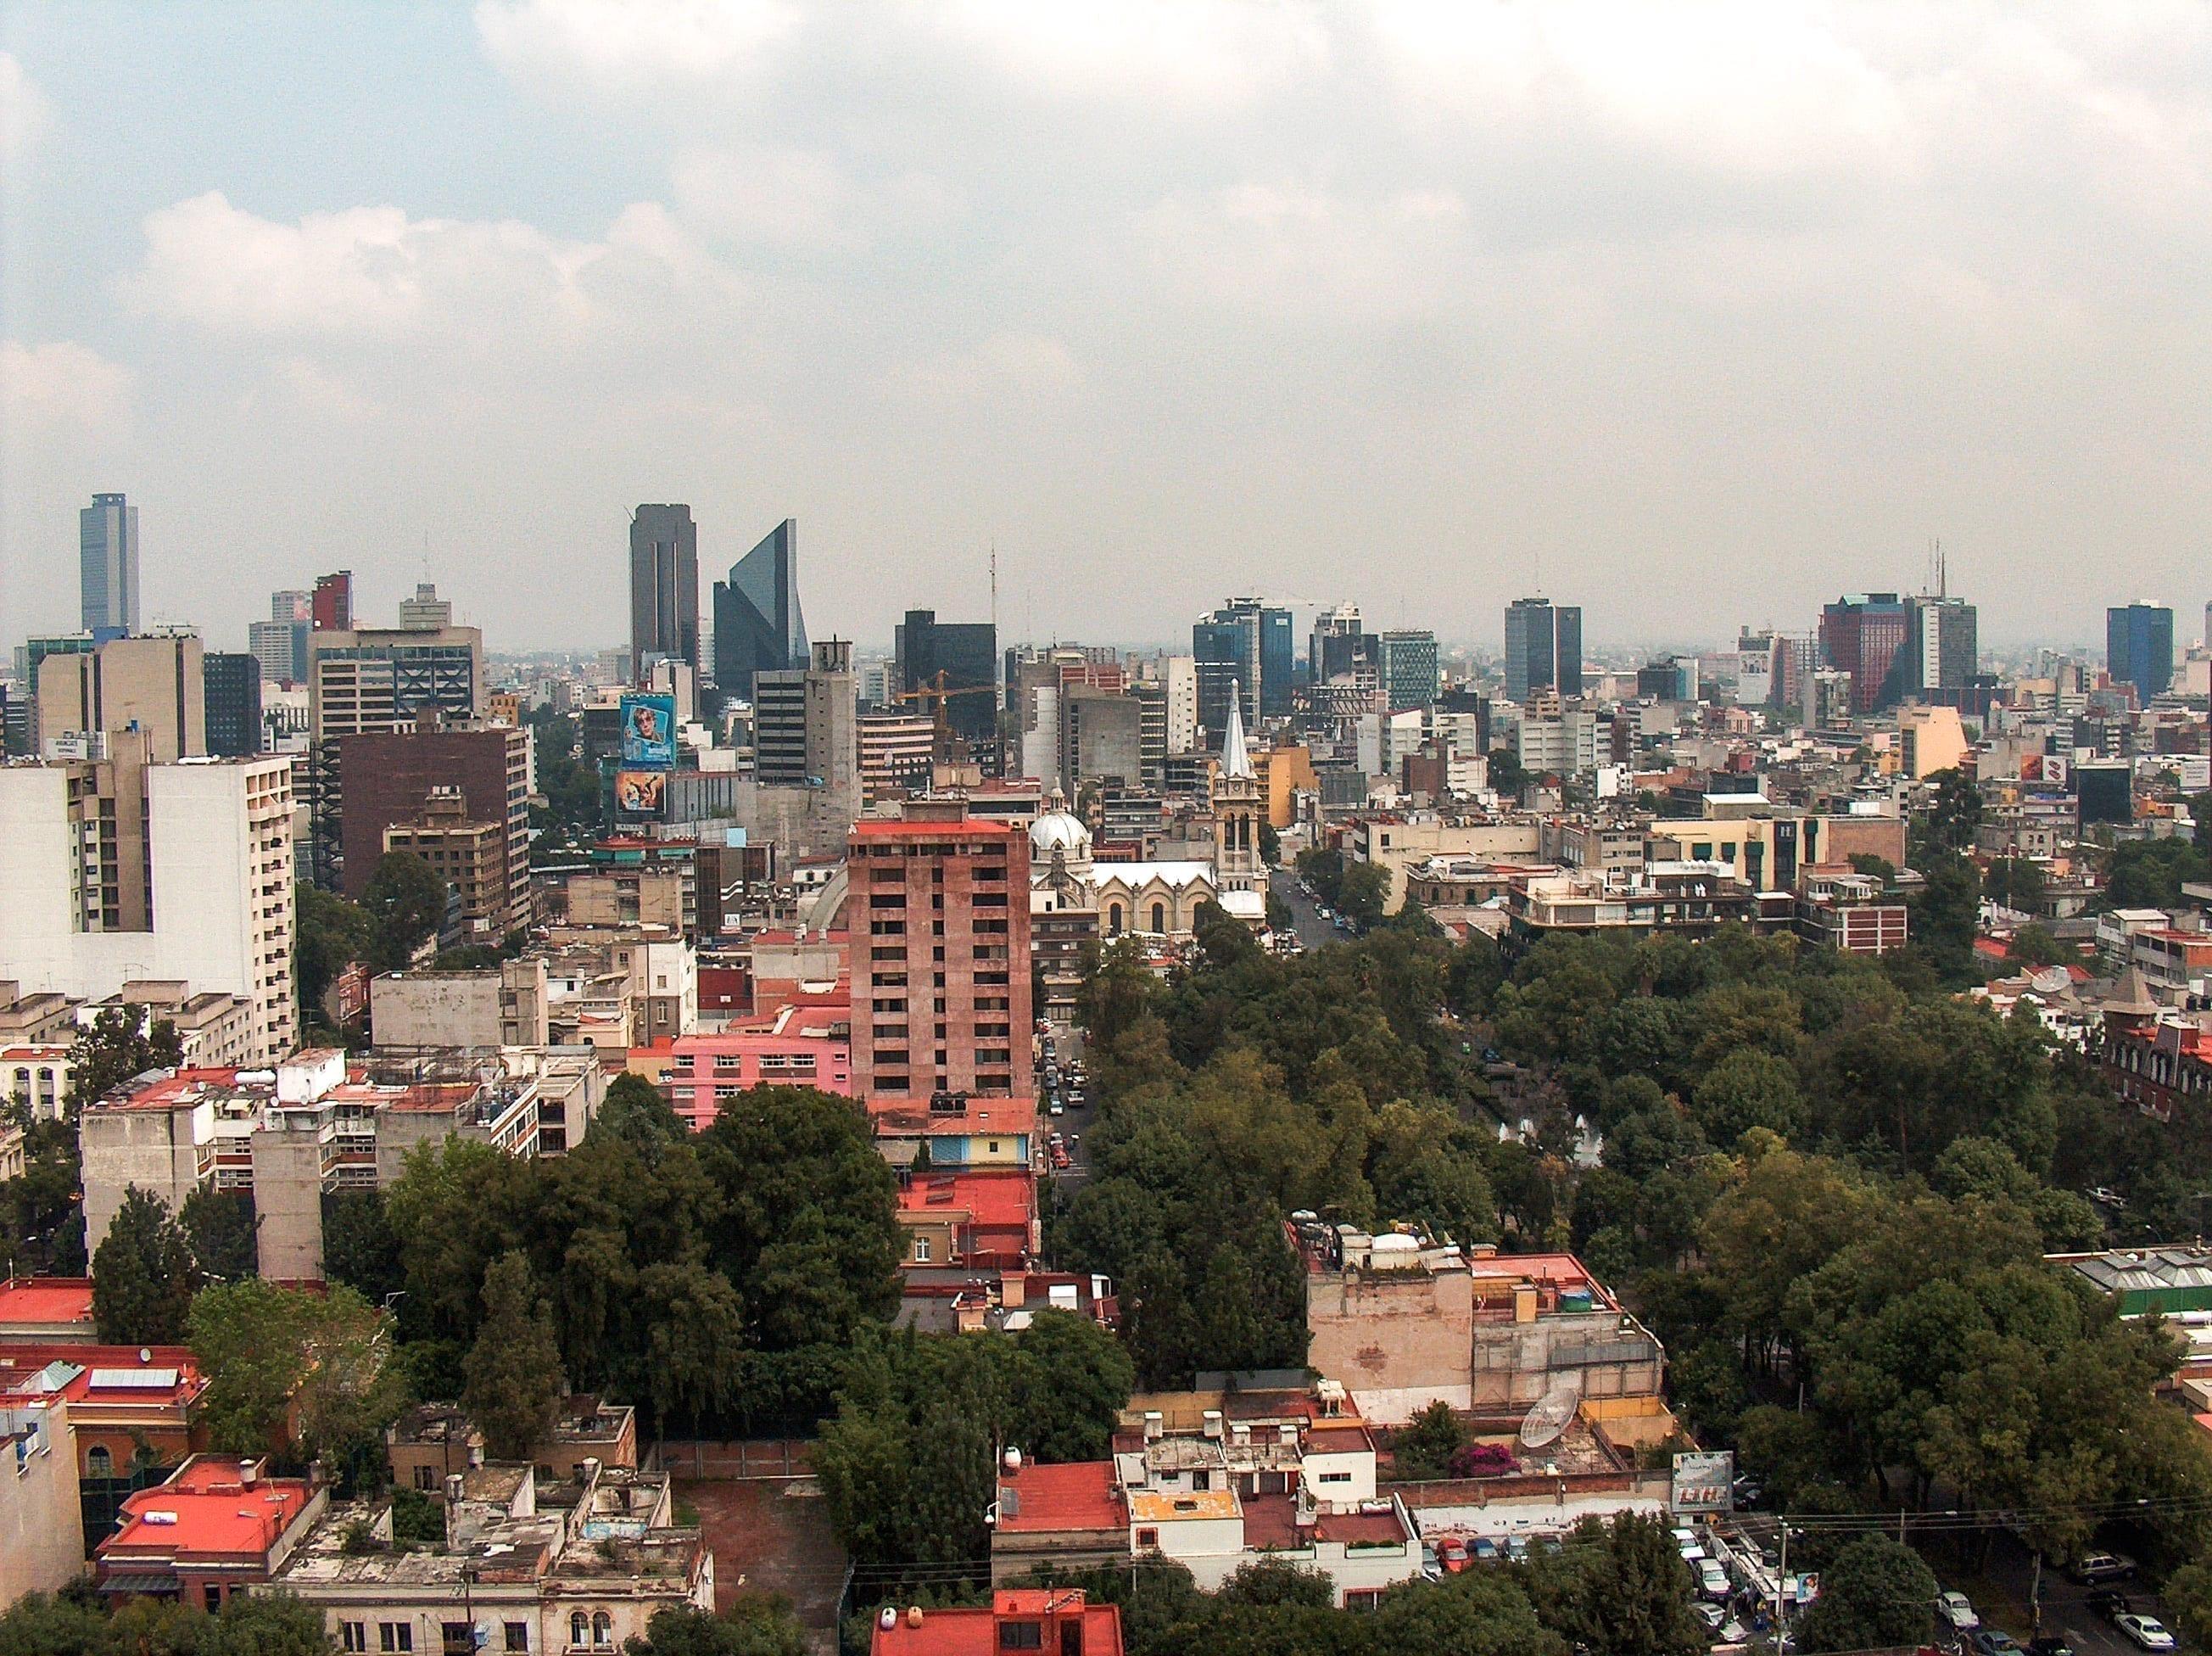 mexico city skyline 2 1234774 - mexico-city-skyline-2-1234774